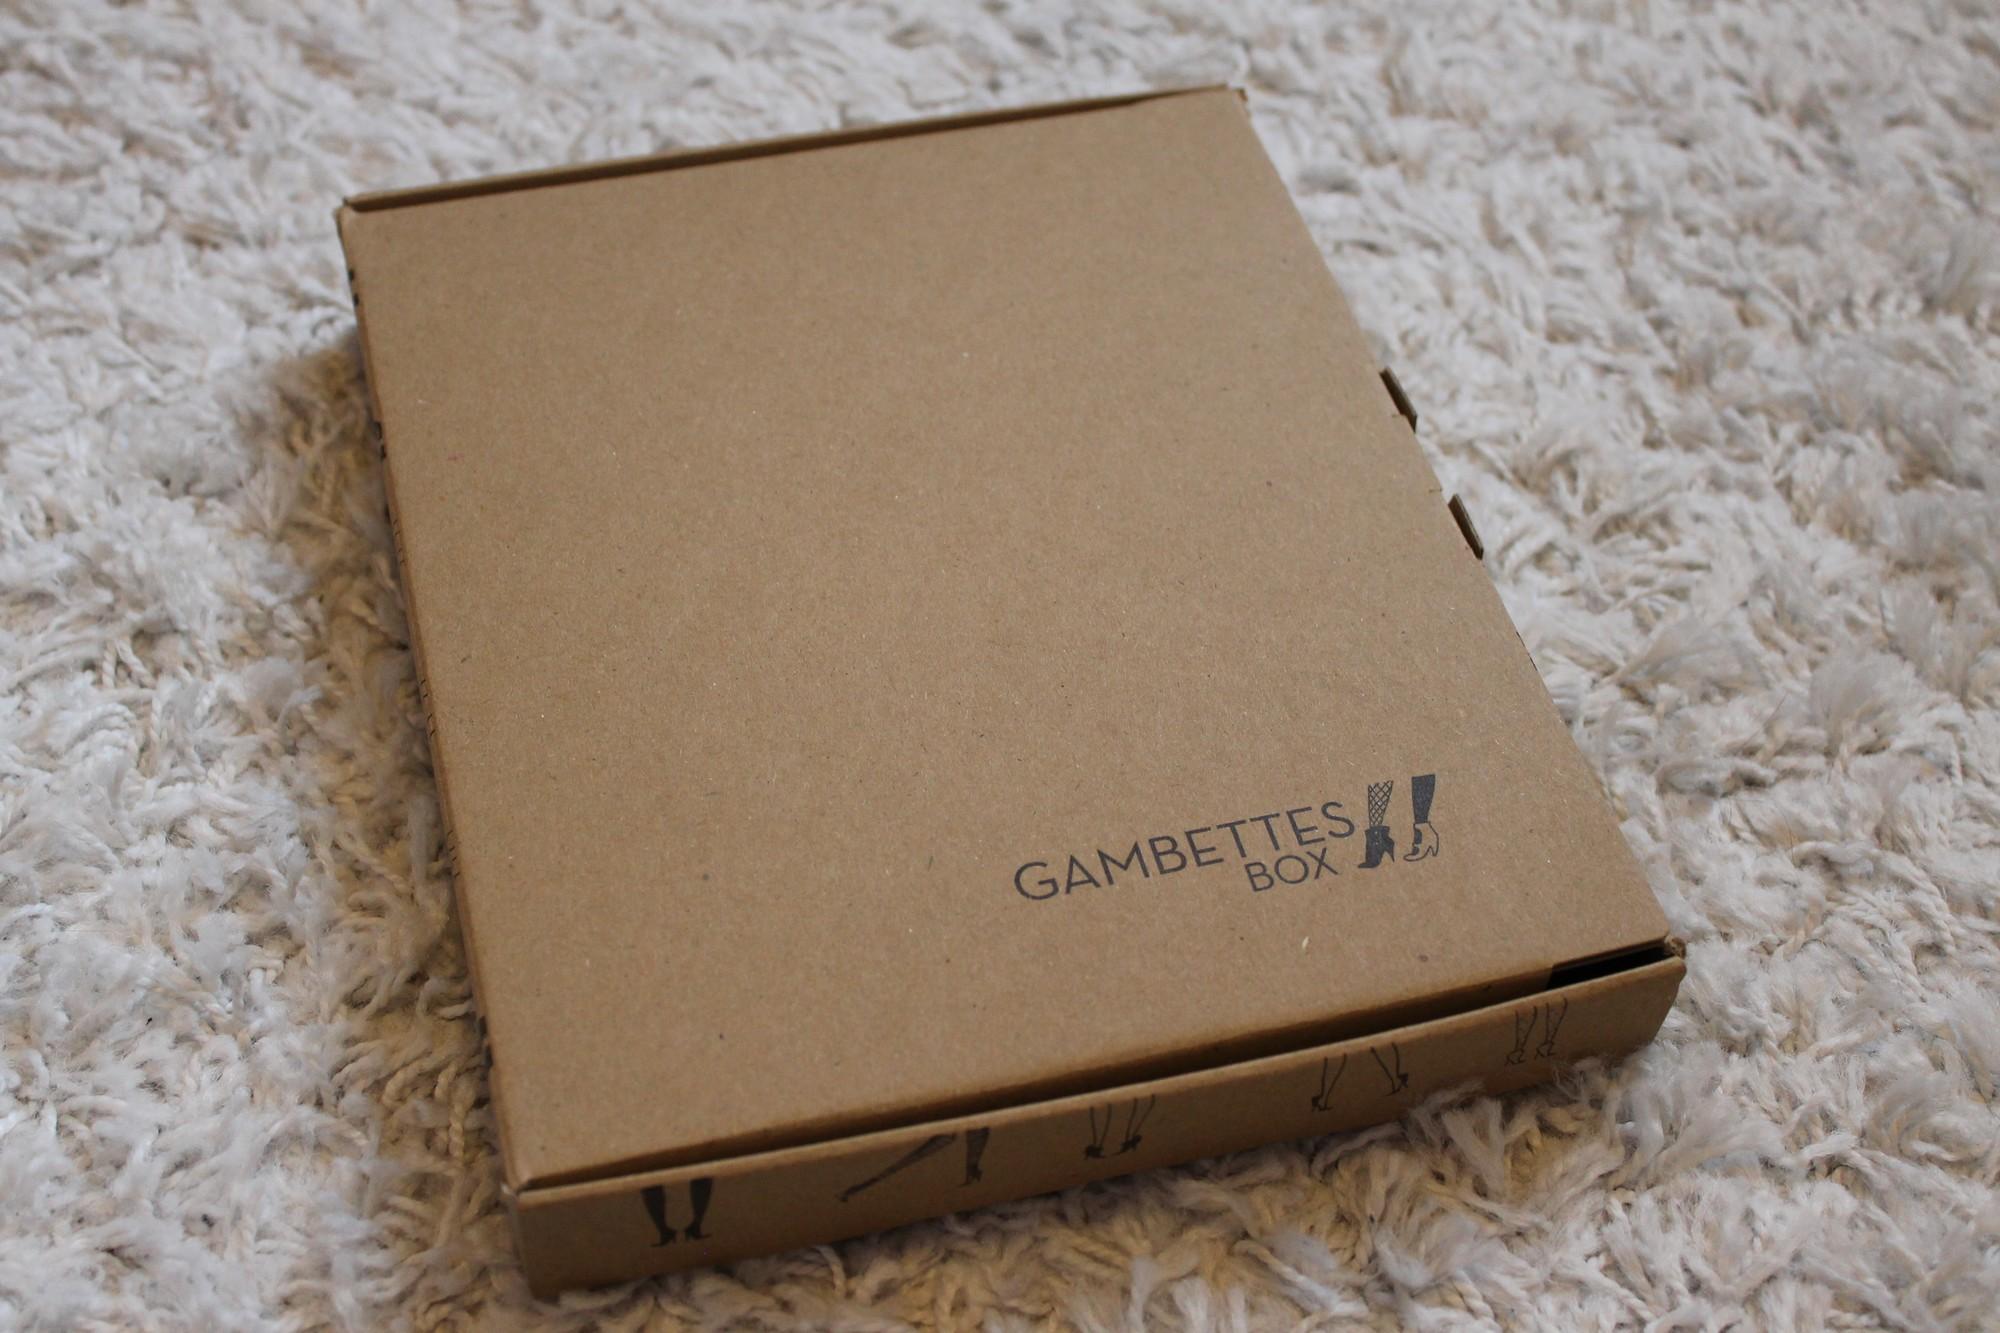 gambettebox3